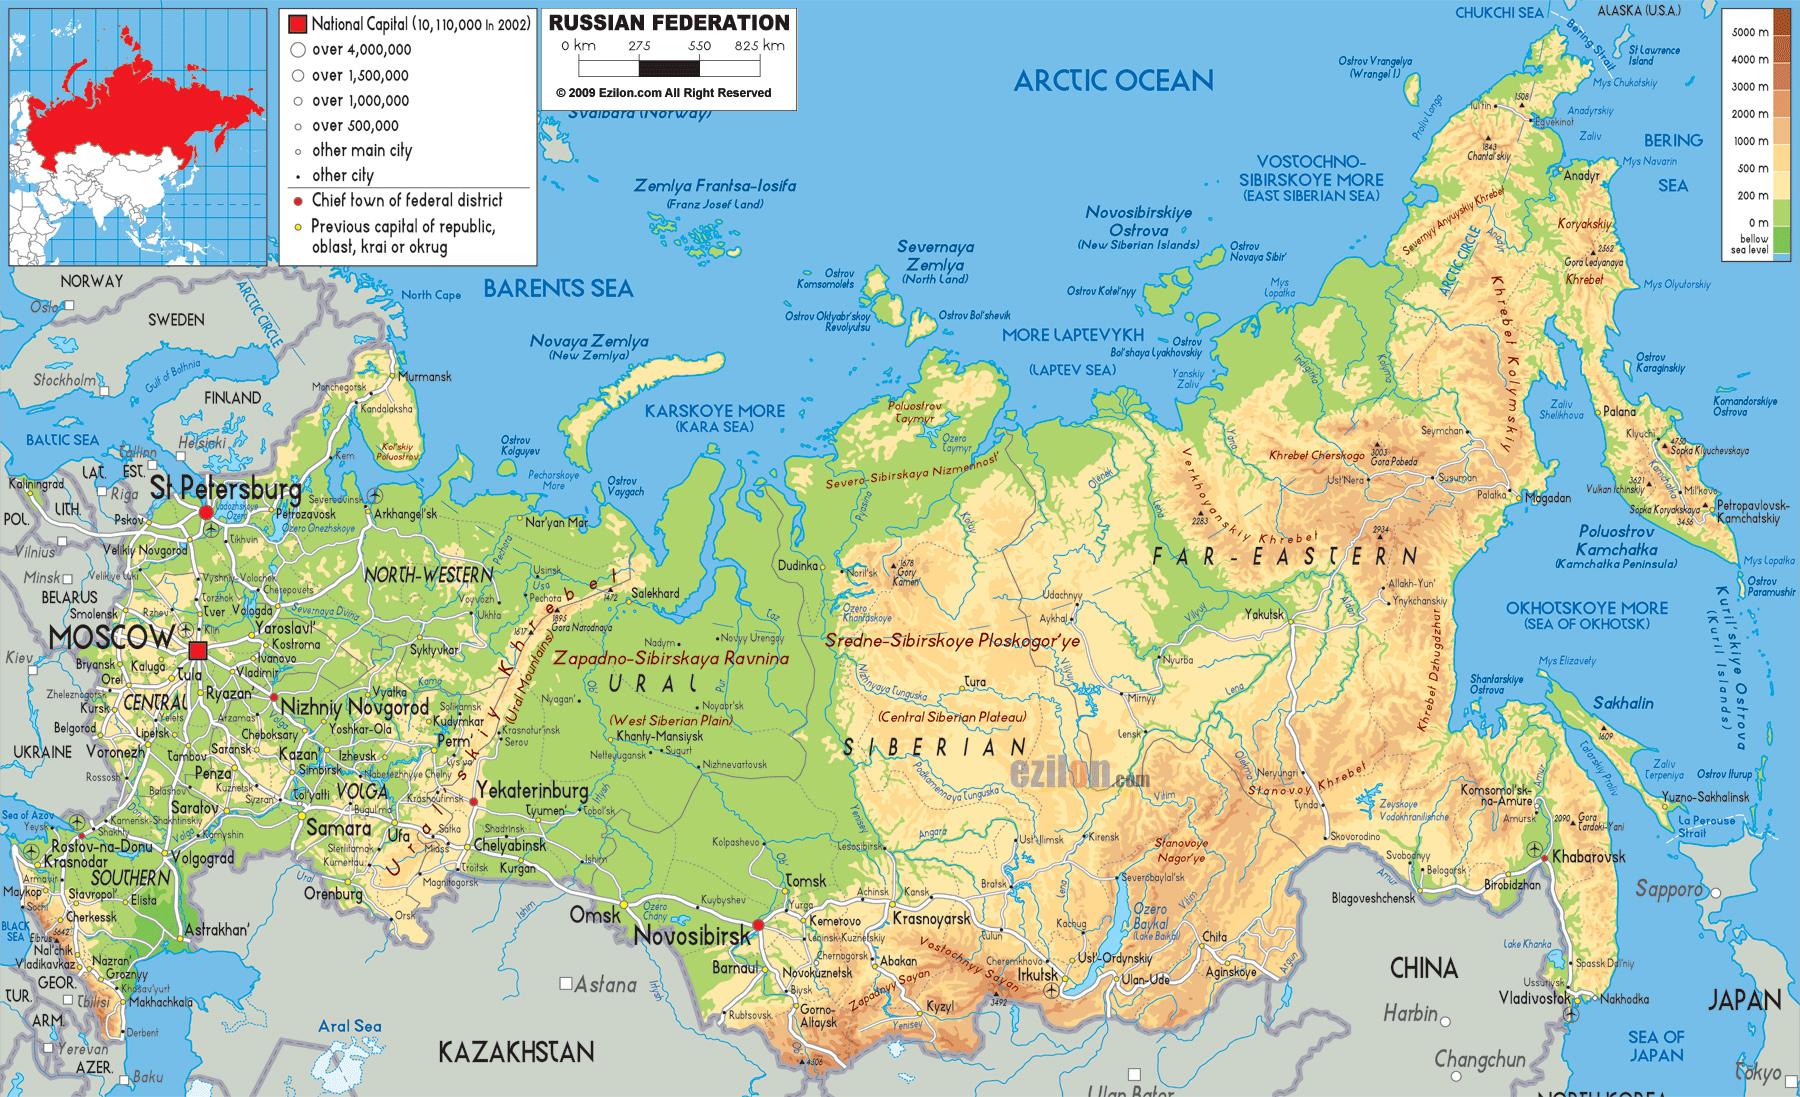 Karty Rossii Podrobnaya Karta Rossii S Gorodami I Oblastyami Karta